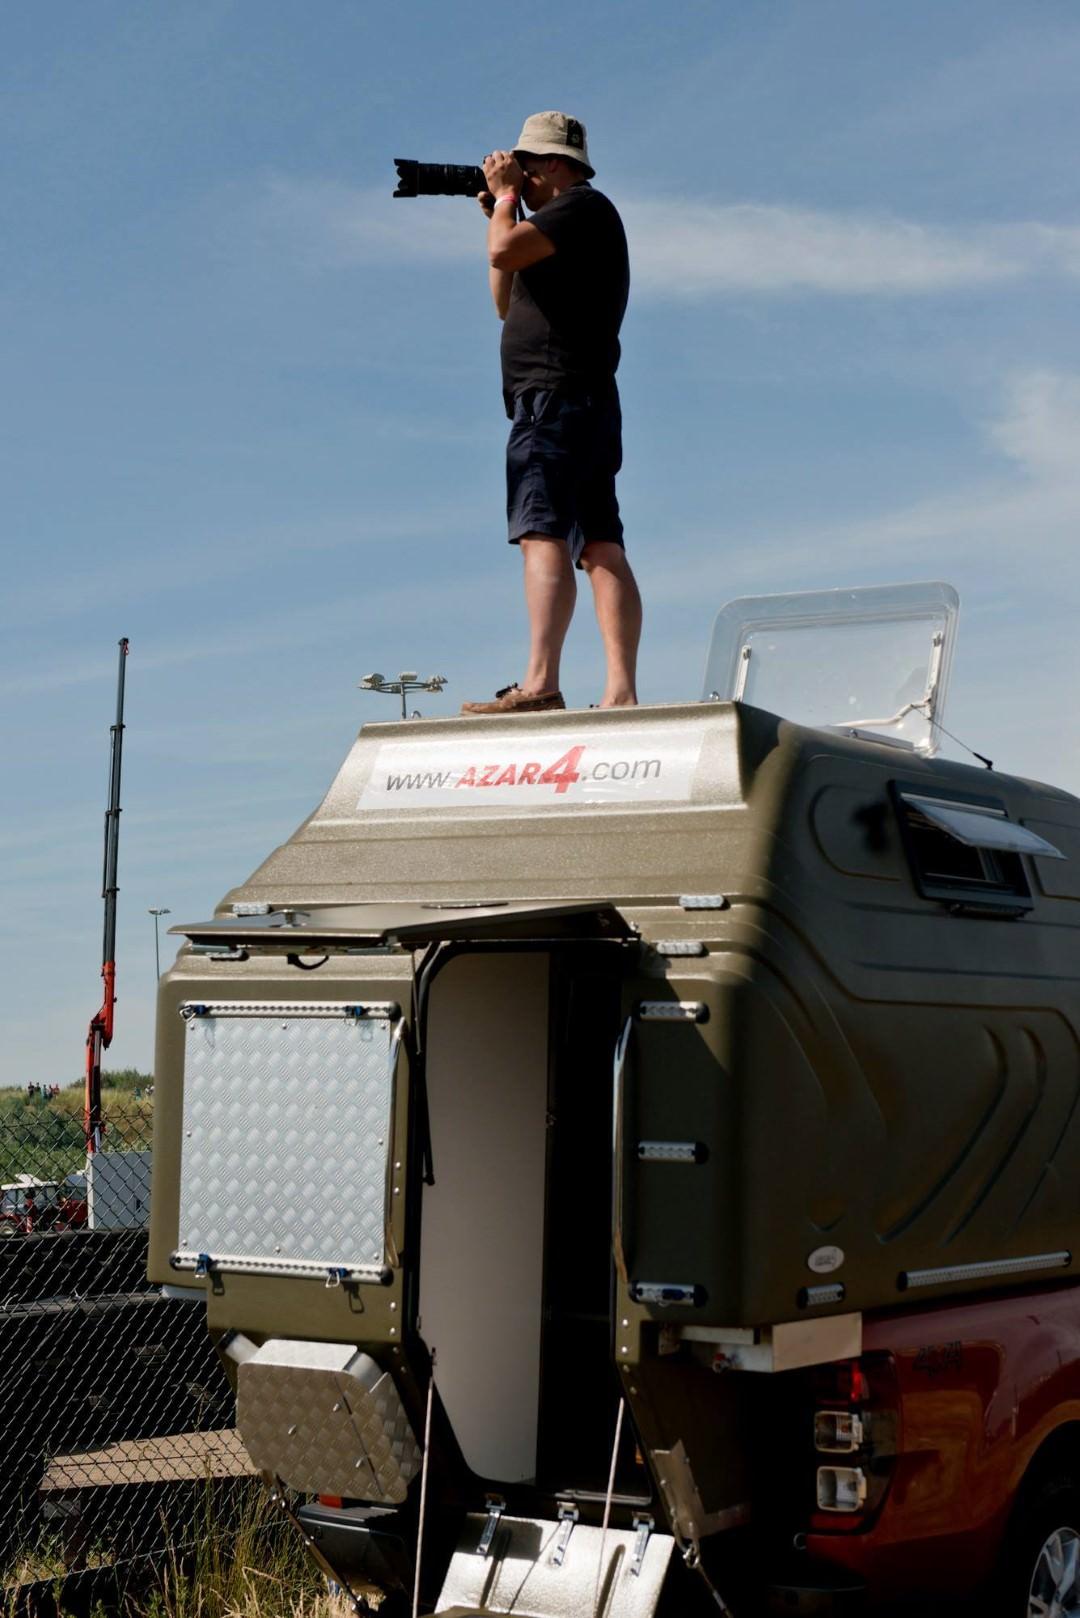 AZAR4 - Entwicklung eines Camper für 4x4 Pickup - 1 - Camper Pickup - anders verwenden!